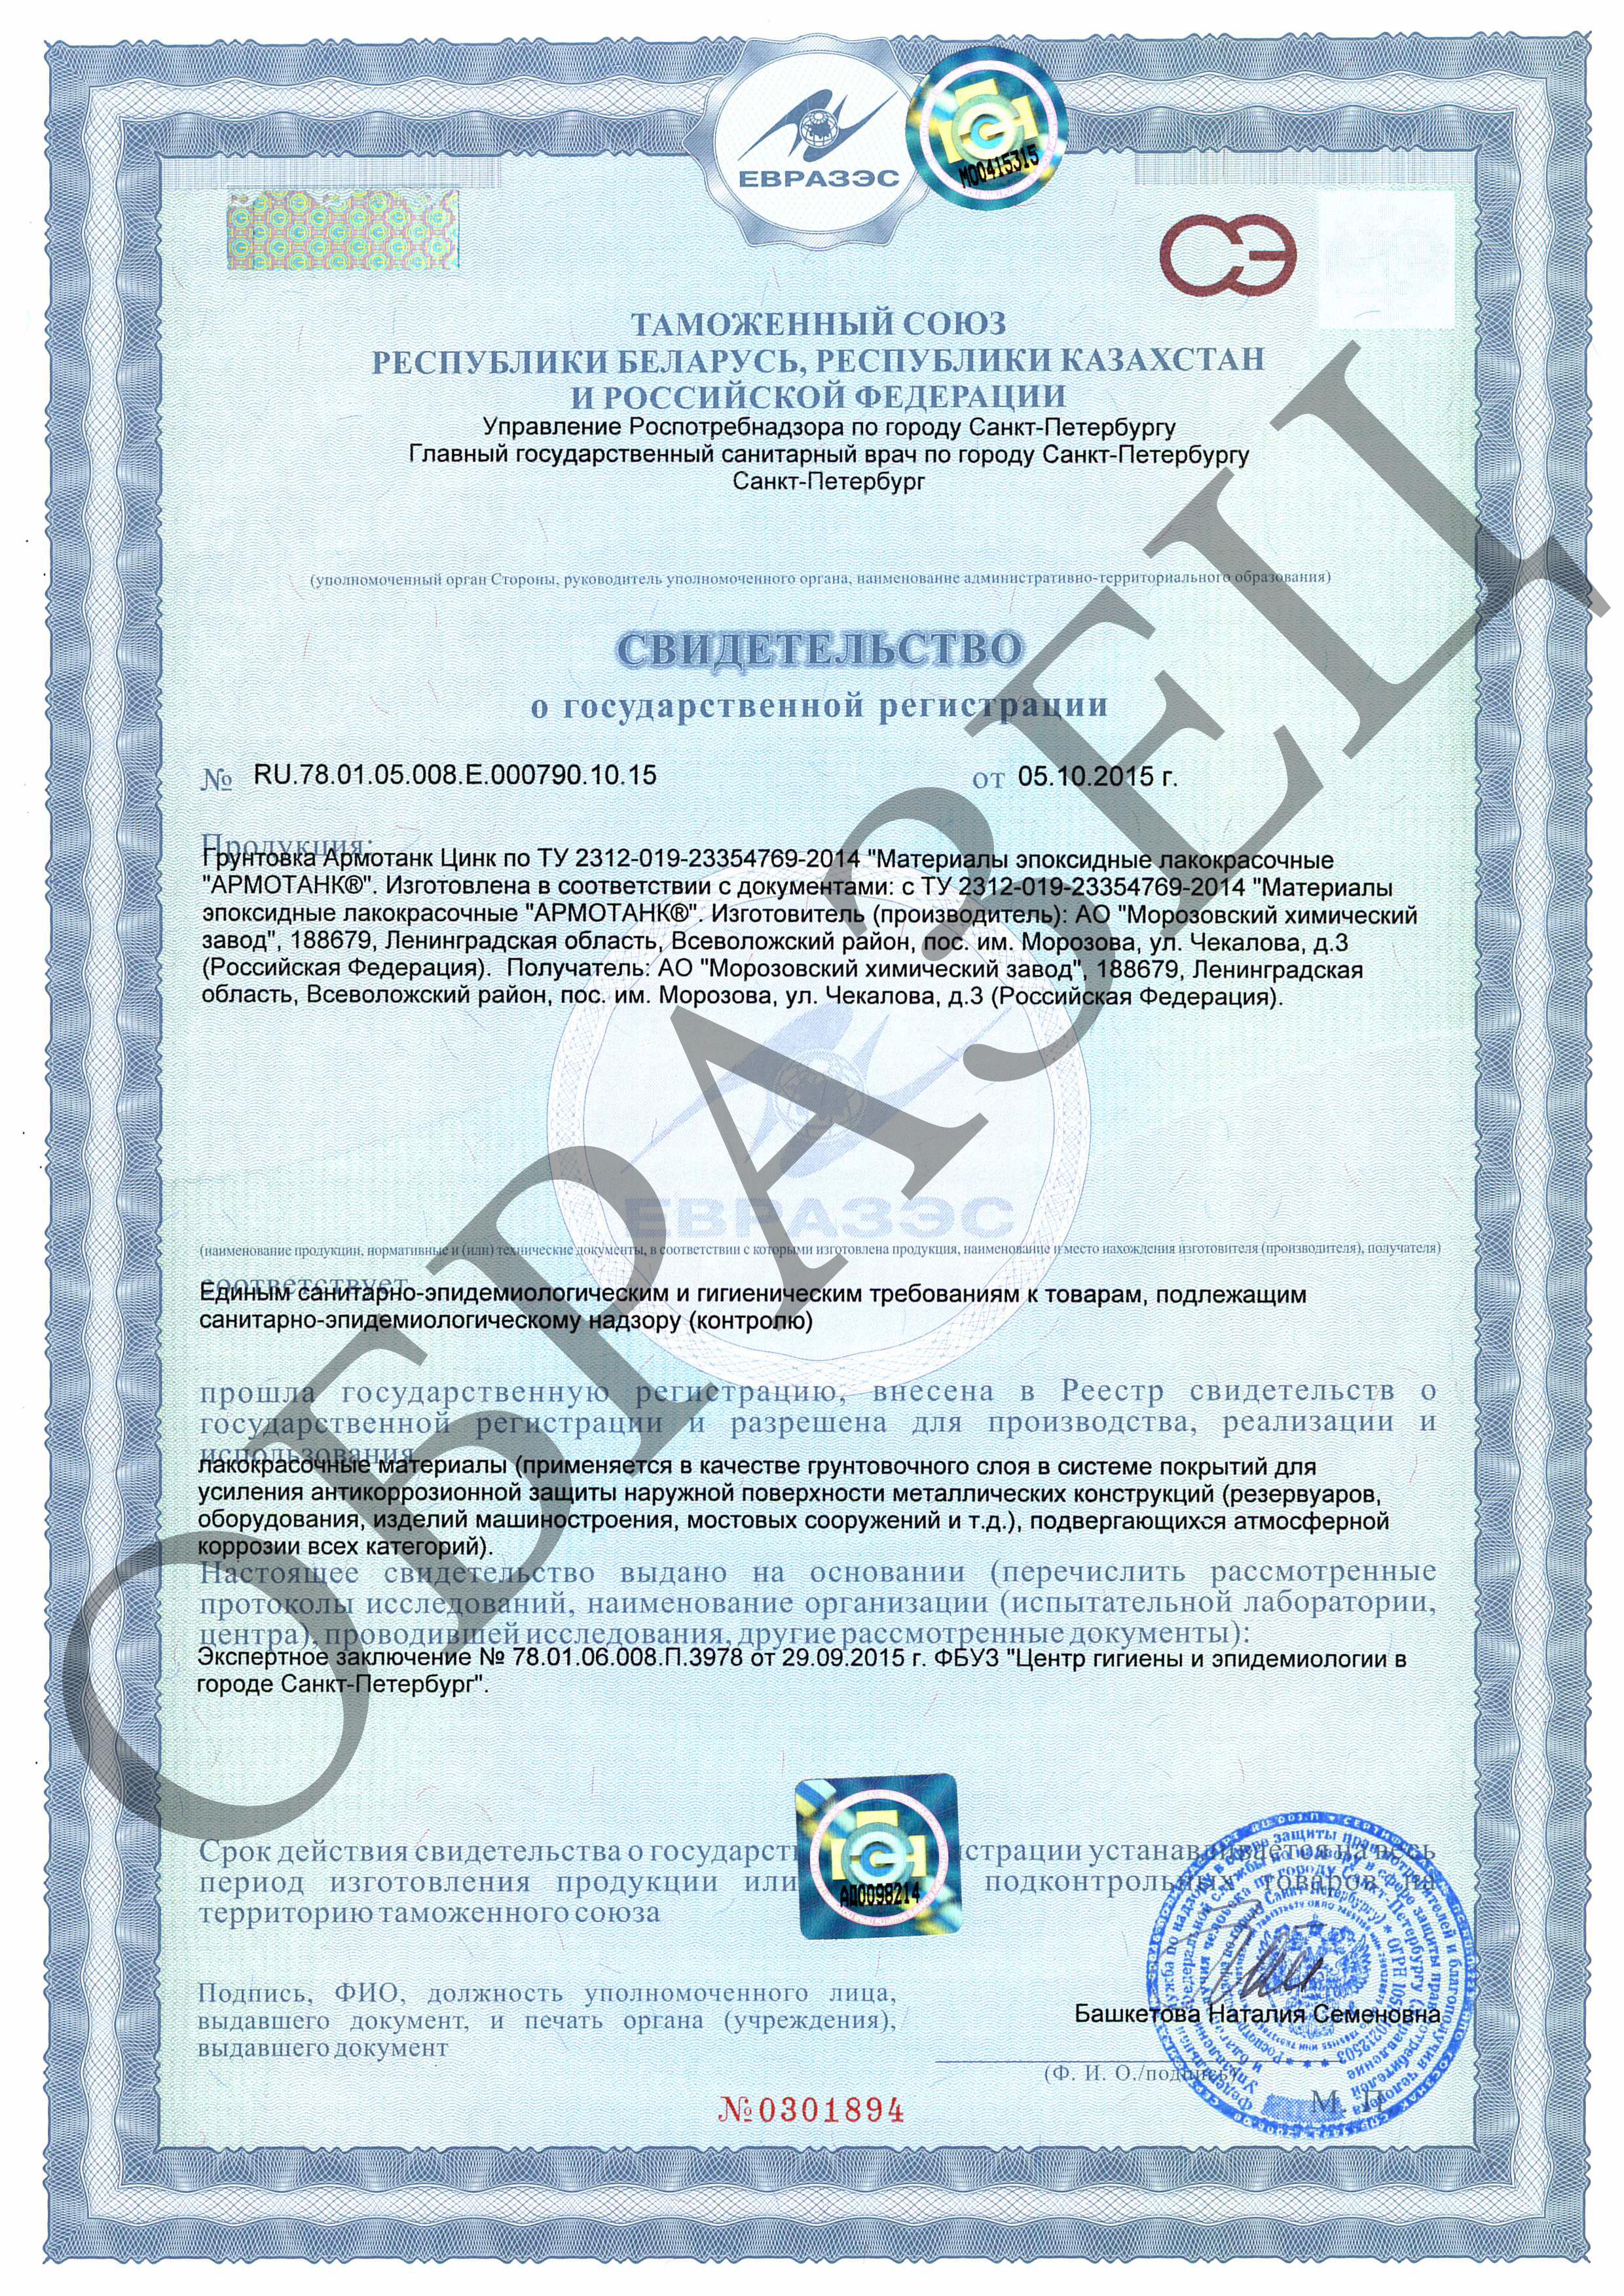 Сертификат Армотанк Цинк